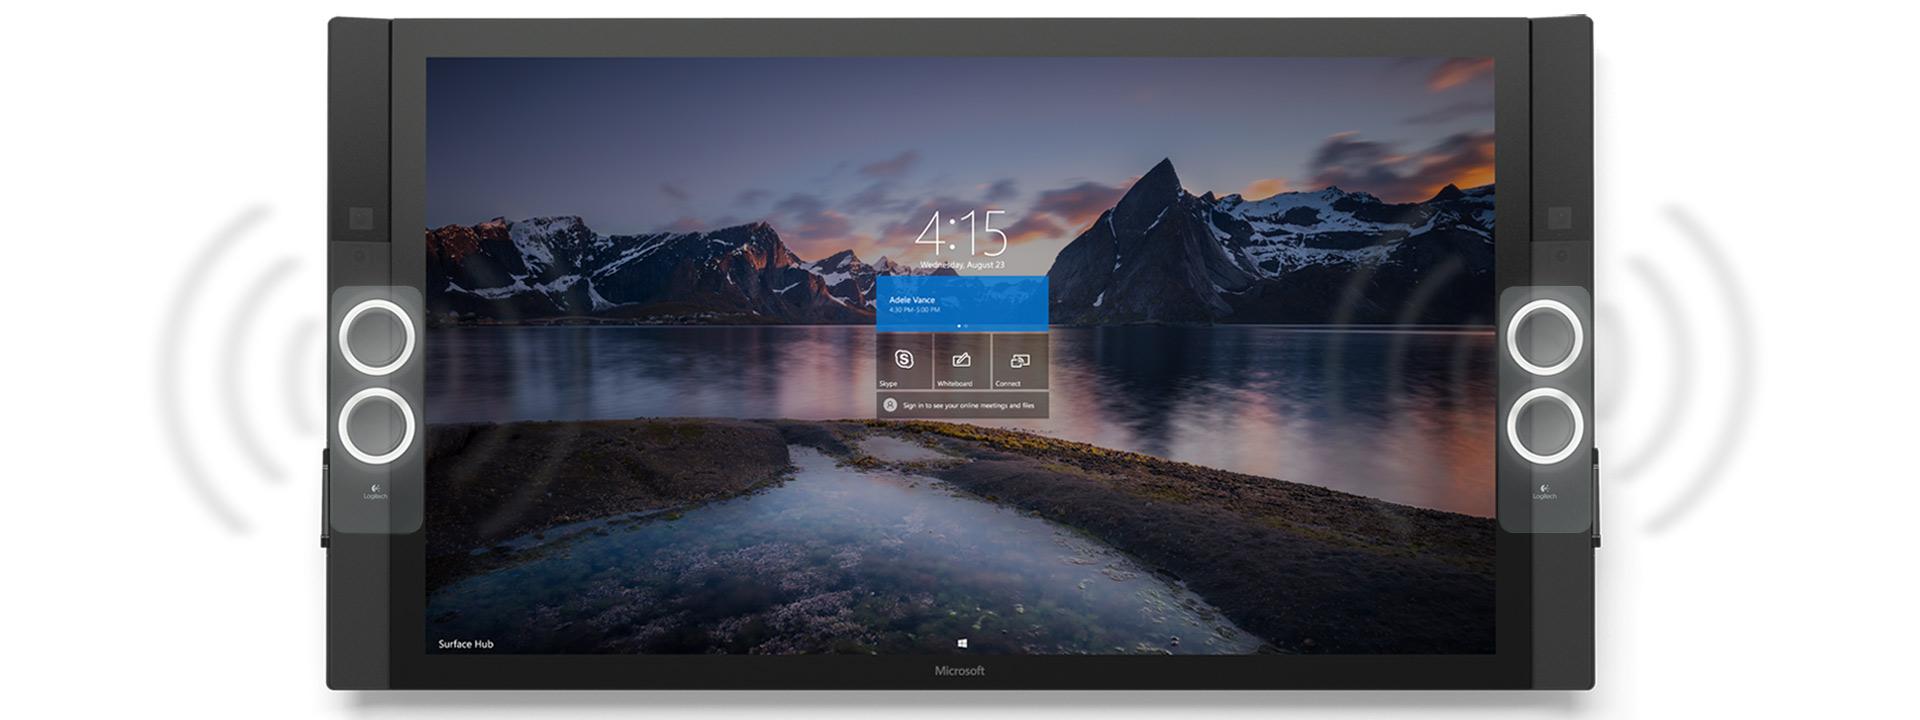 Vooraanzicht van Surface Hub met startscherm met natuuromgeving, met illustraties om te laten zien hoe de luidsprekers trillen met geluid.